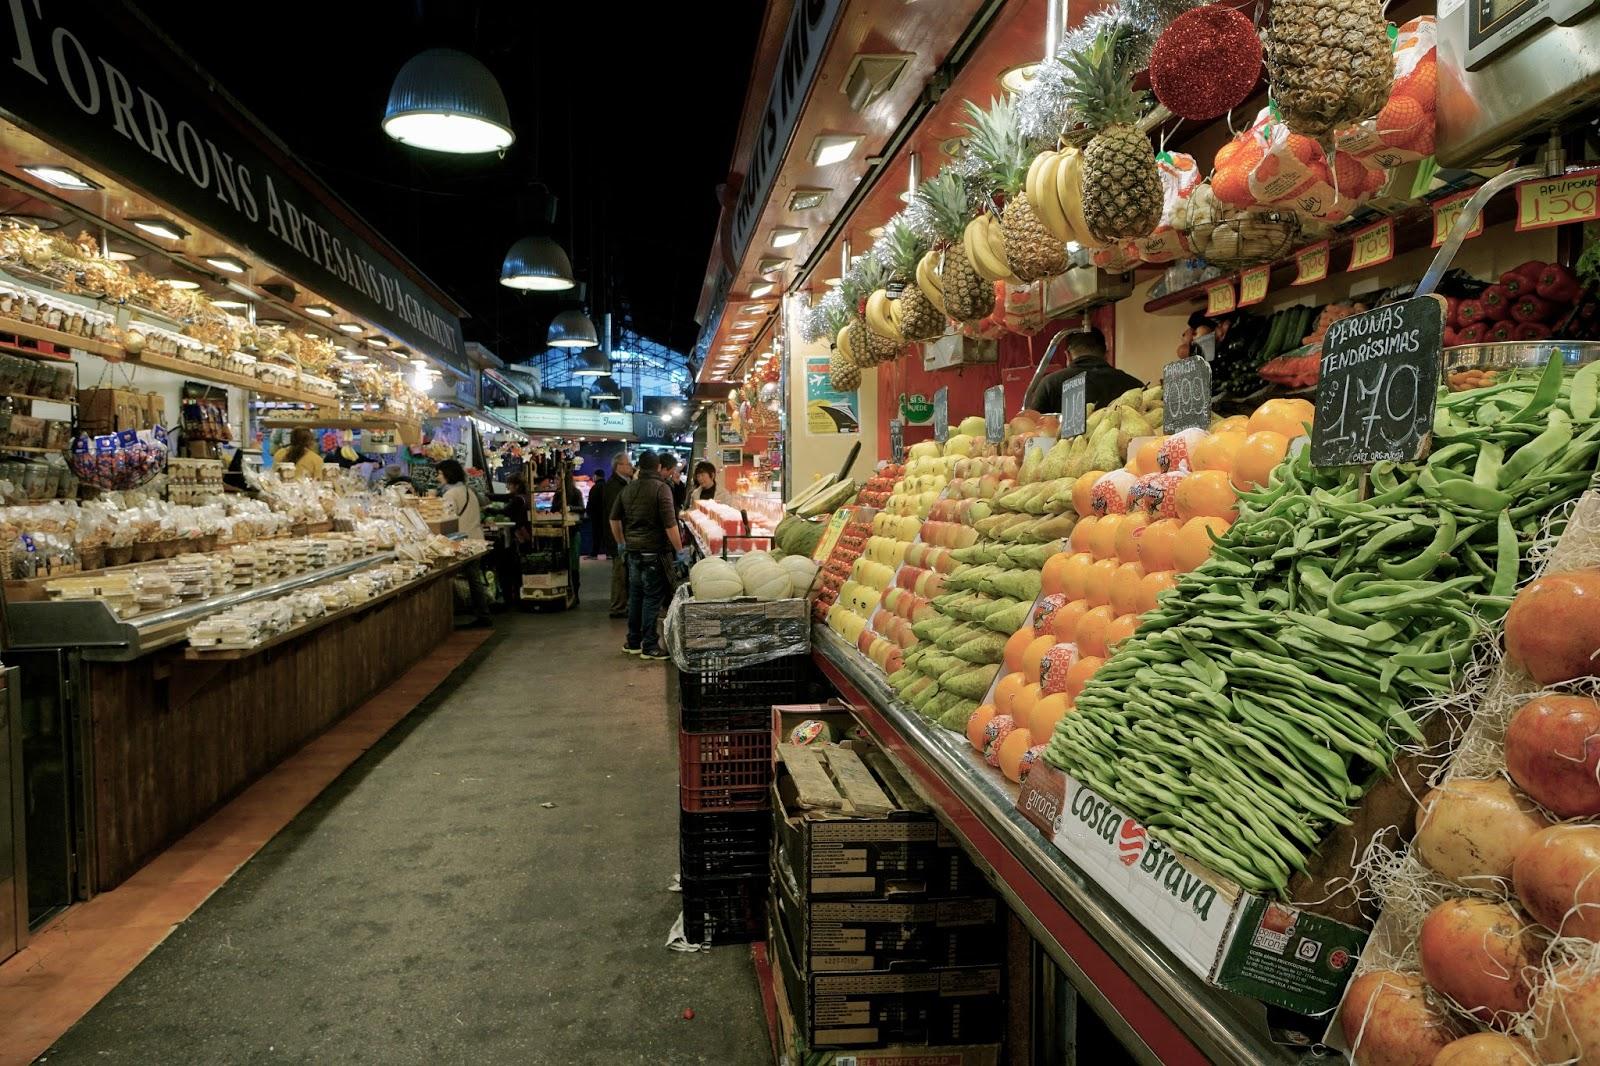 ボケリア市場 =サン・ジュゼップ市場(Mercat de Sant Josep)